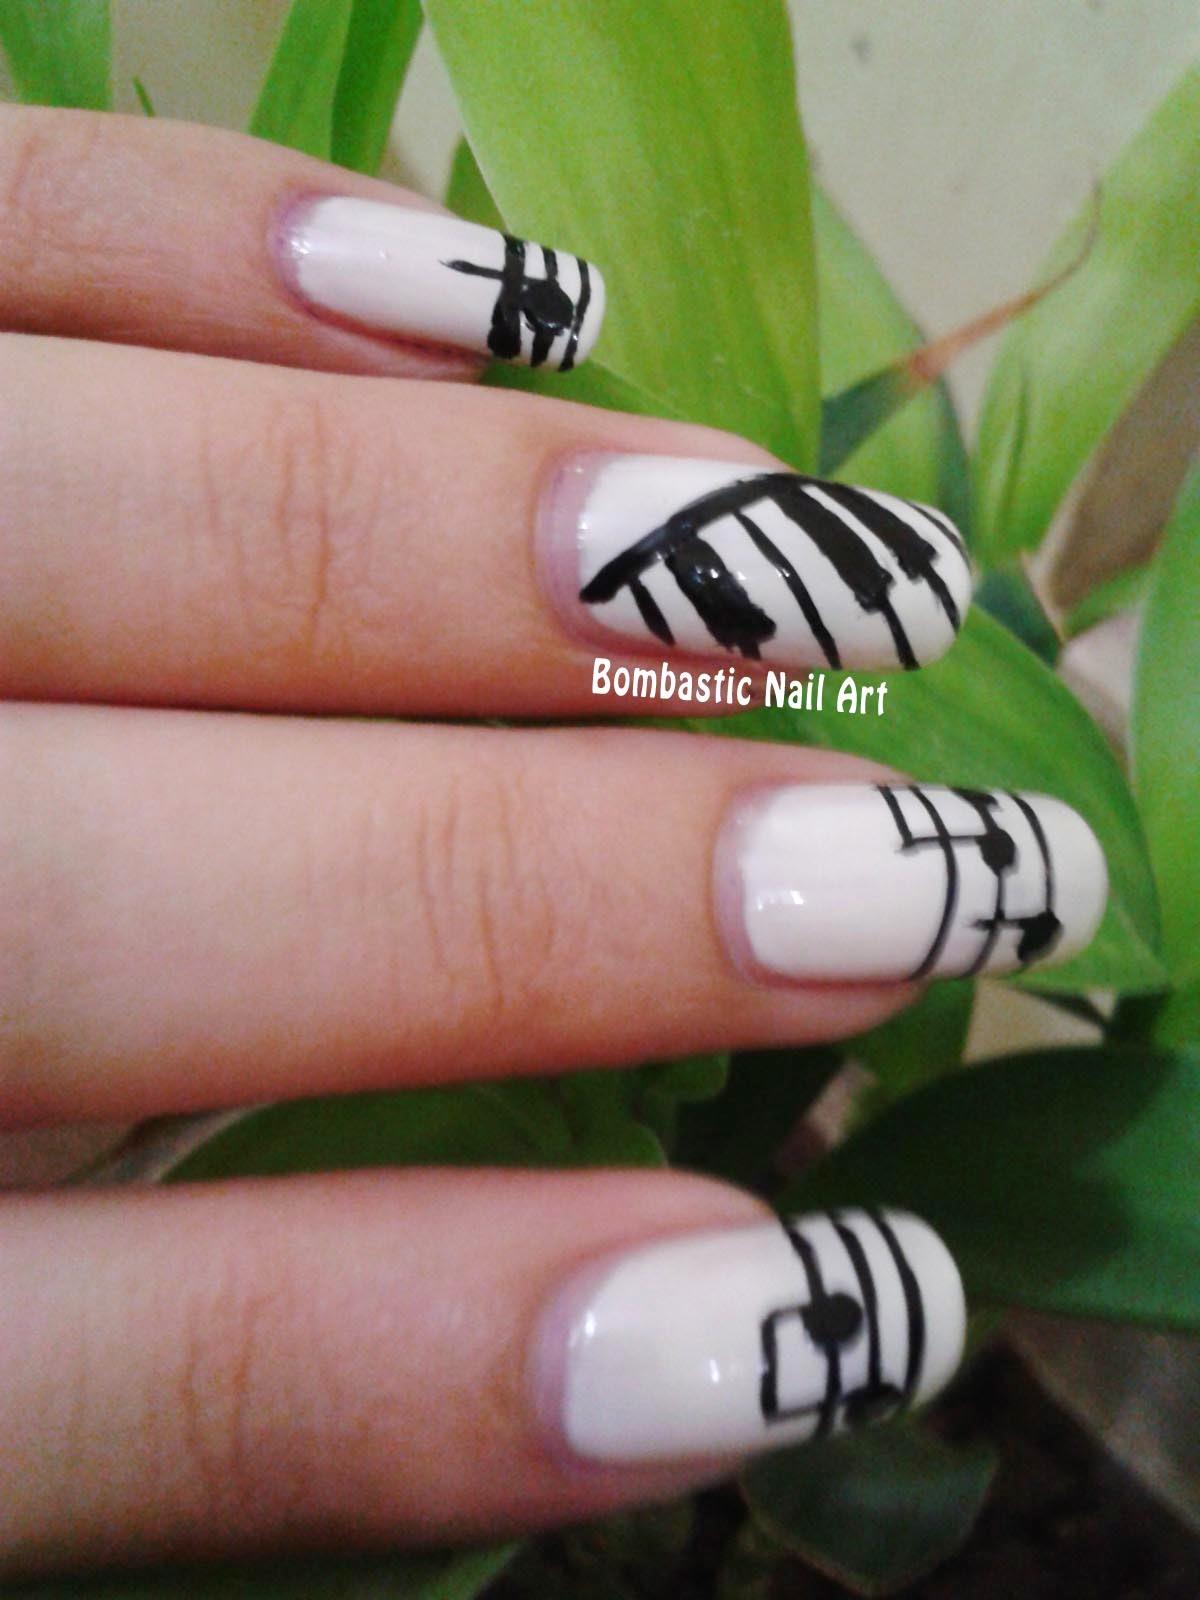 Day 24: Musical nails – Bombastic Nail Art